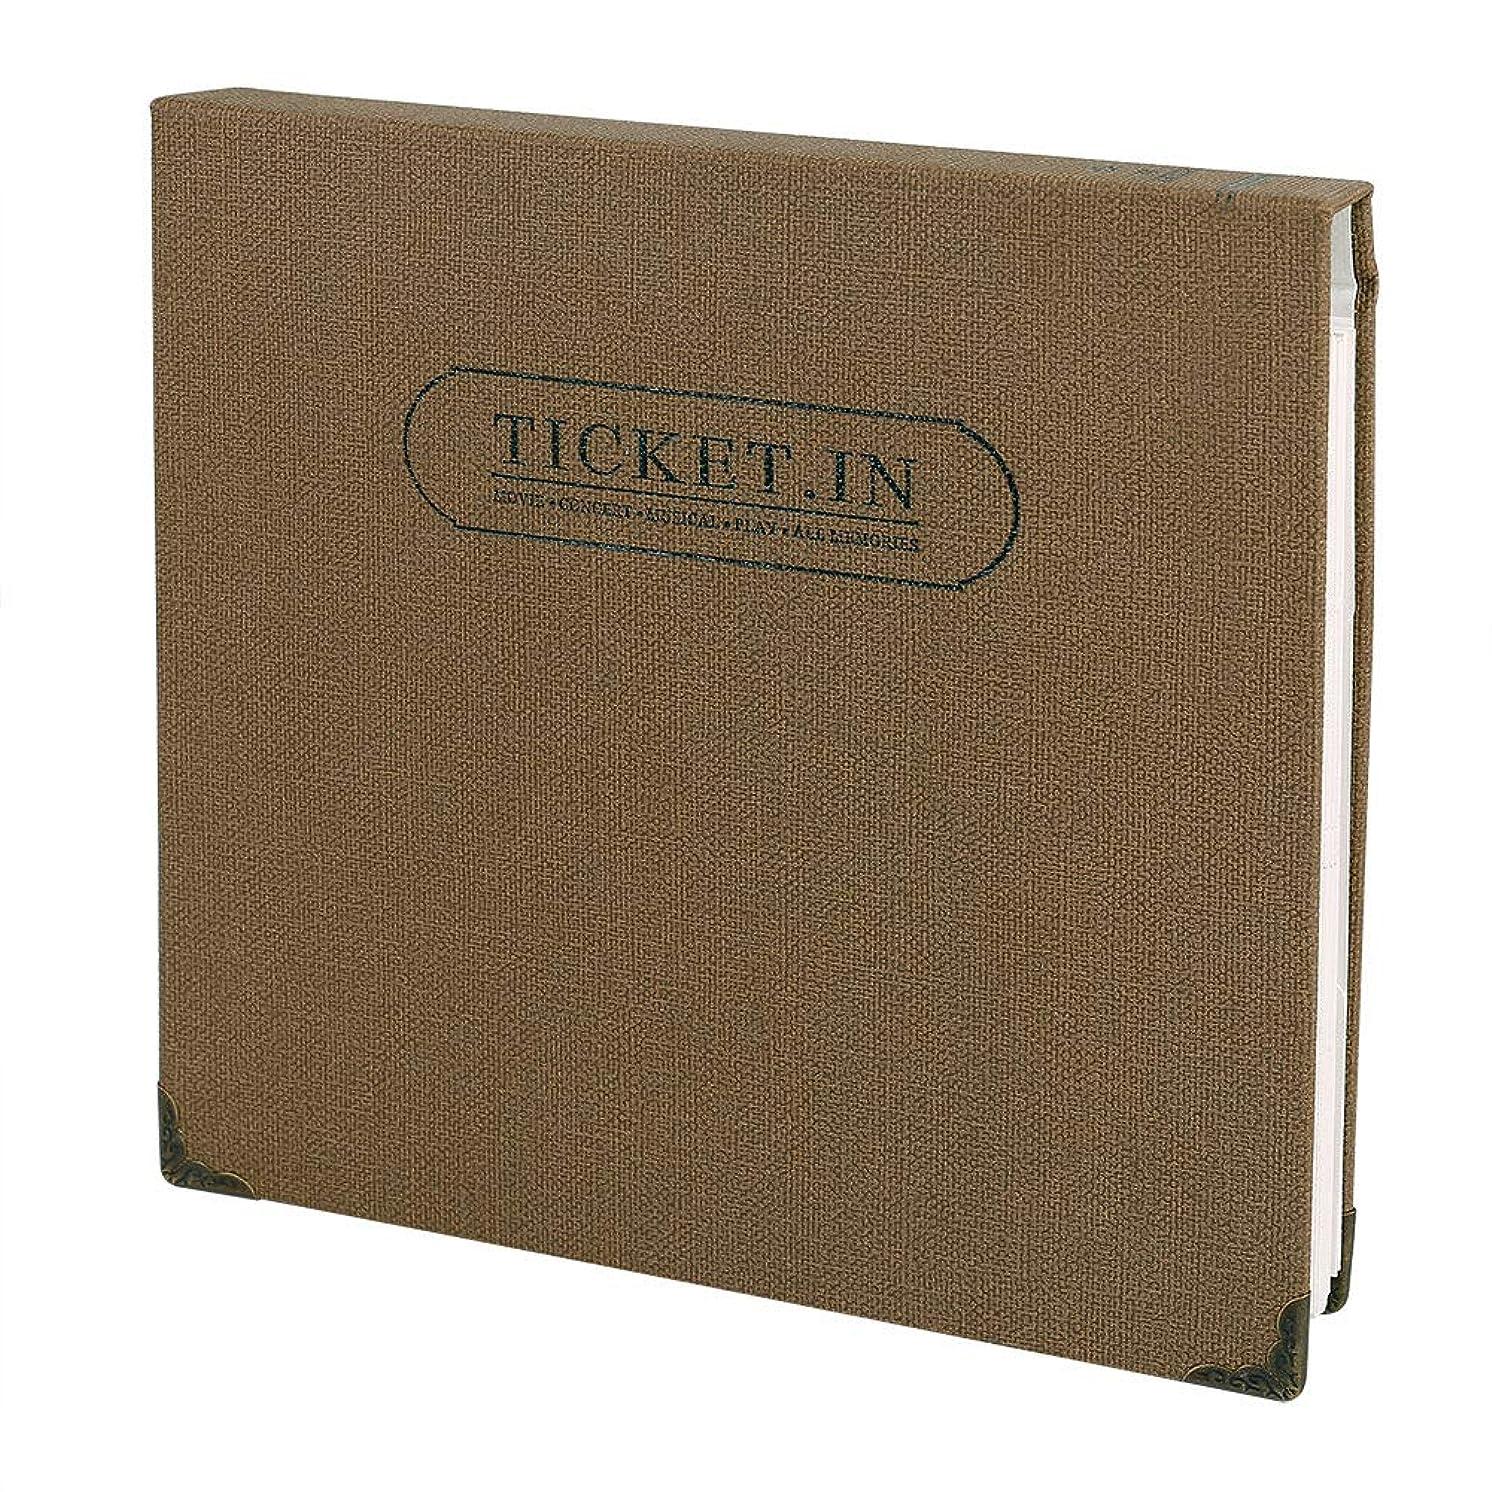 FaCraft Ticket Stud Organizer Album Book,Holds 120 3x6